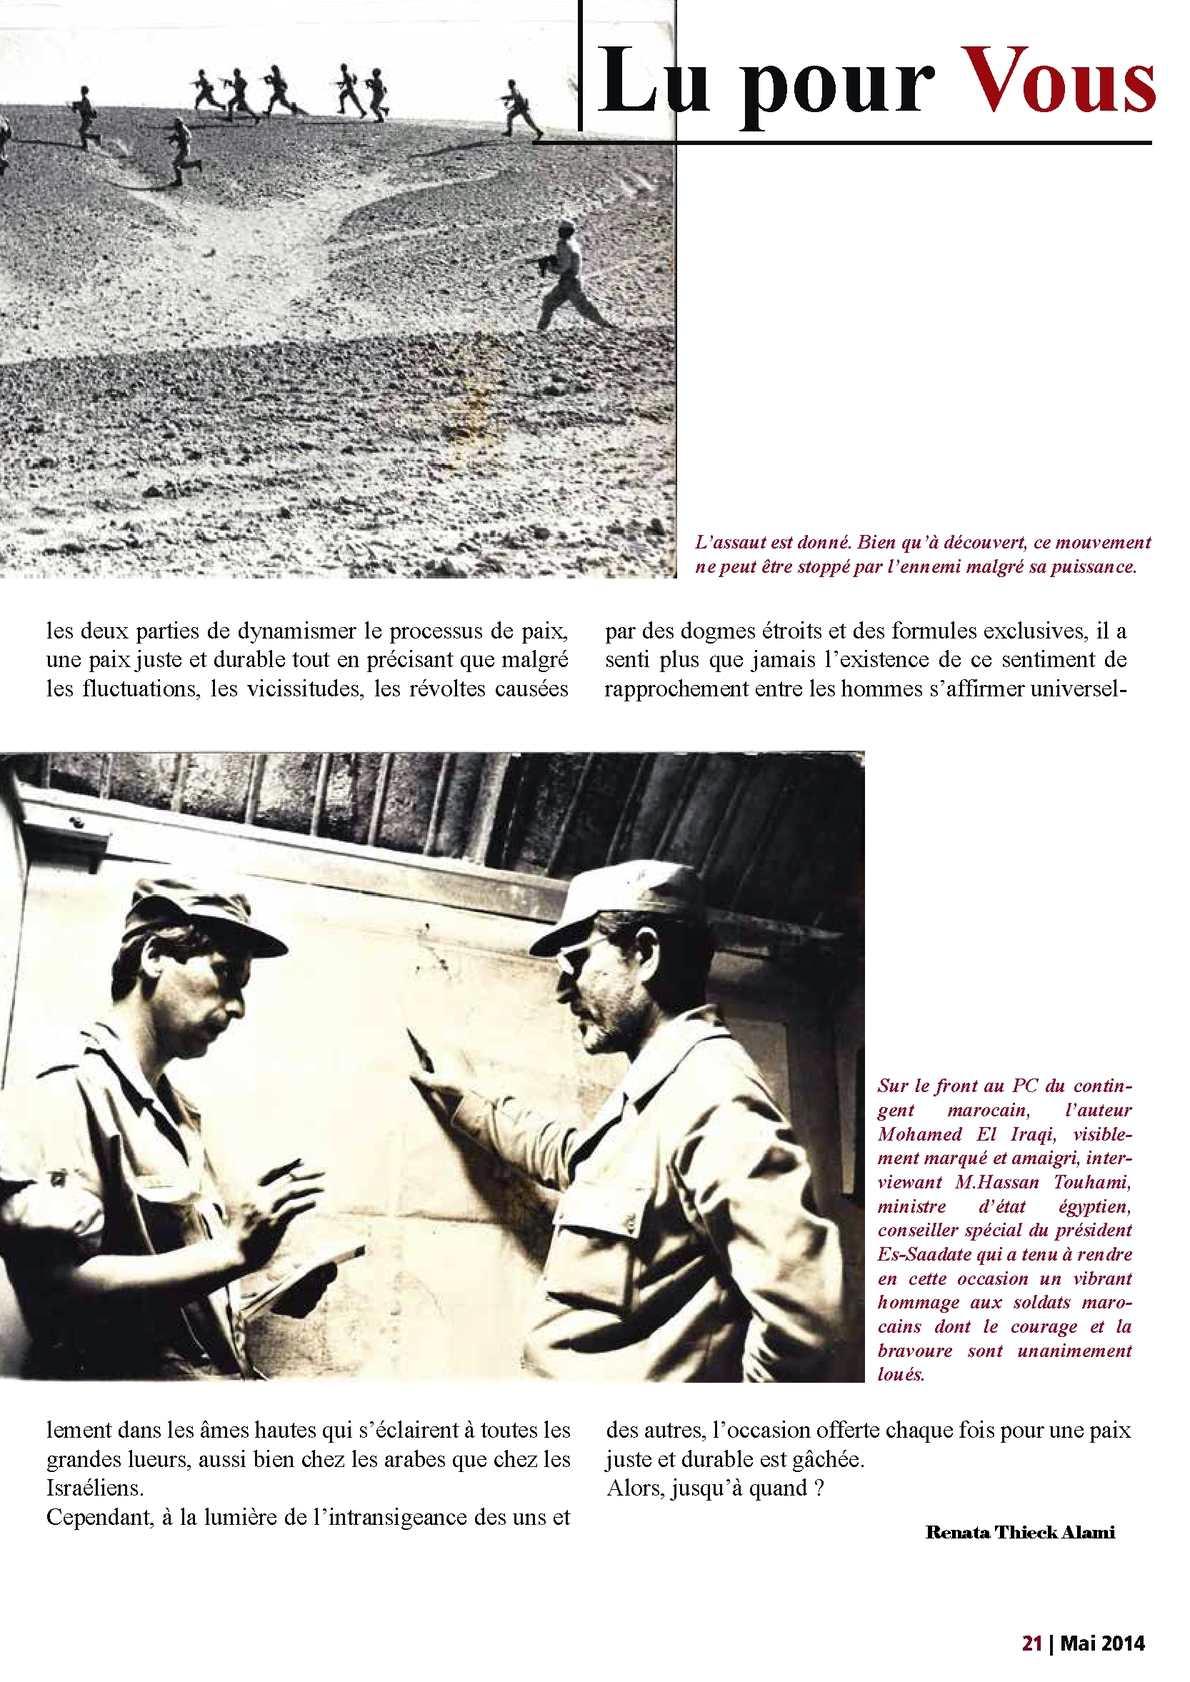 les FAR dans la Guerre d'octobre 1973 - Page 2 35363589734_56bda85b83_o